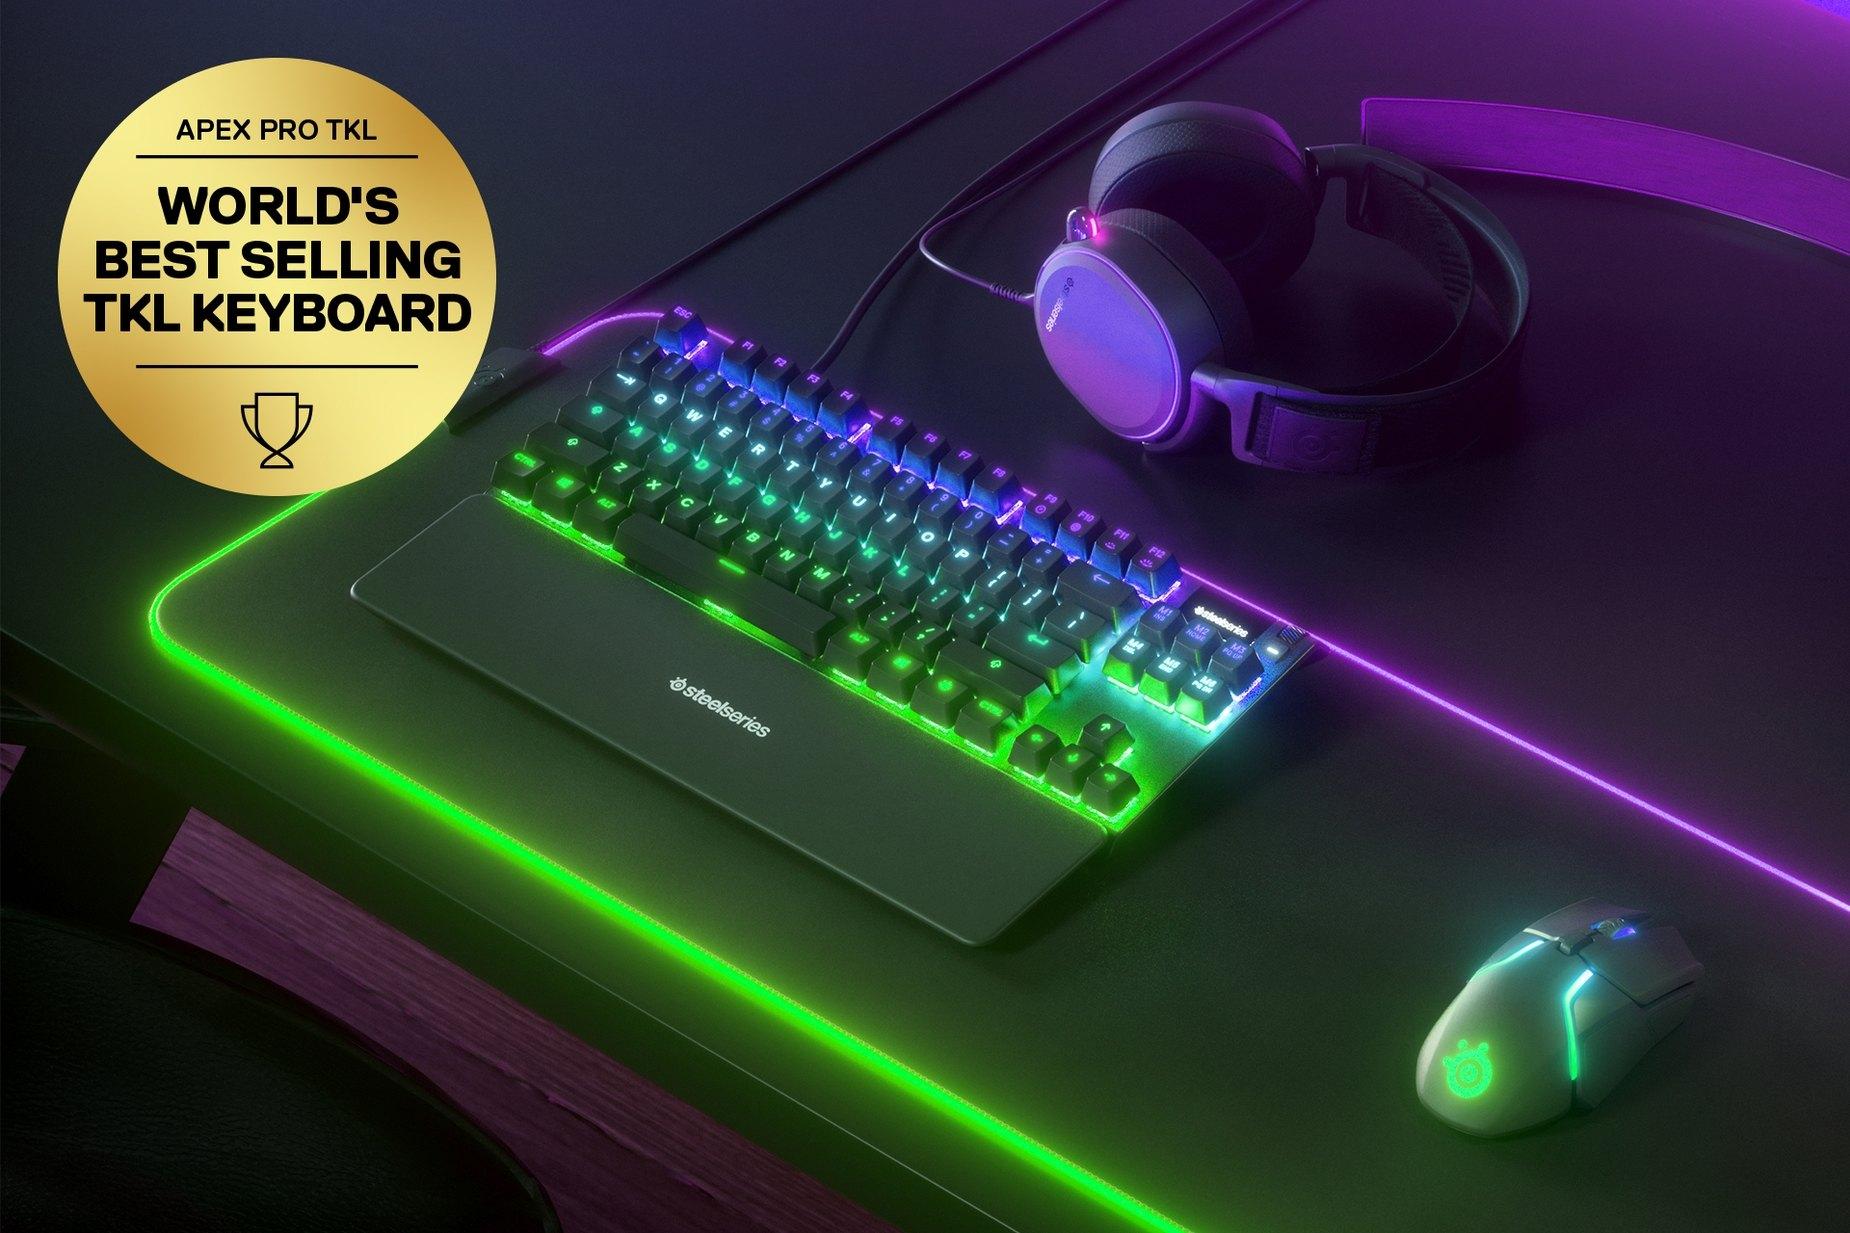 德文-Apex PRO TKL 遊戲鍵盤與專屬遊戲滑鼠擺放桌上,兩者皆置放於大號滑鼠墊上方,並且旁邊還有一副 SteelSeries 的遊戲耳機。鍵盤旁邊漂浮著金色獎盃,並具有文字「全球最暢銷 TKL 鍵盤」。